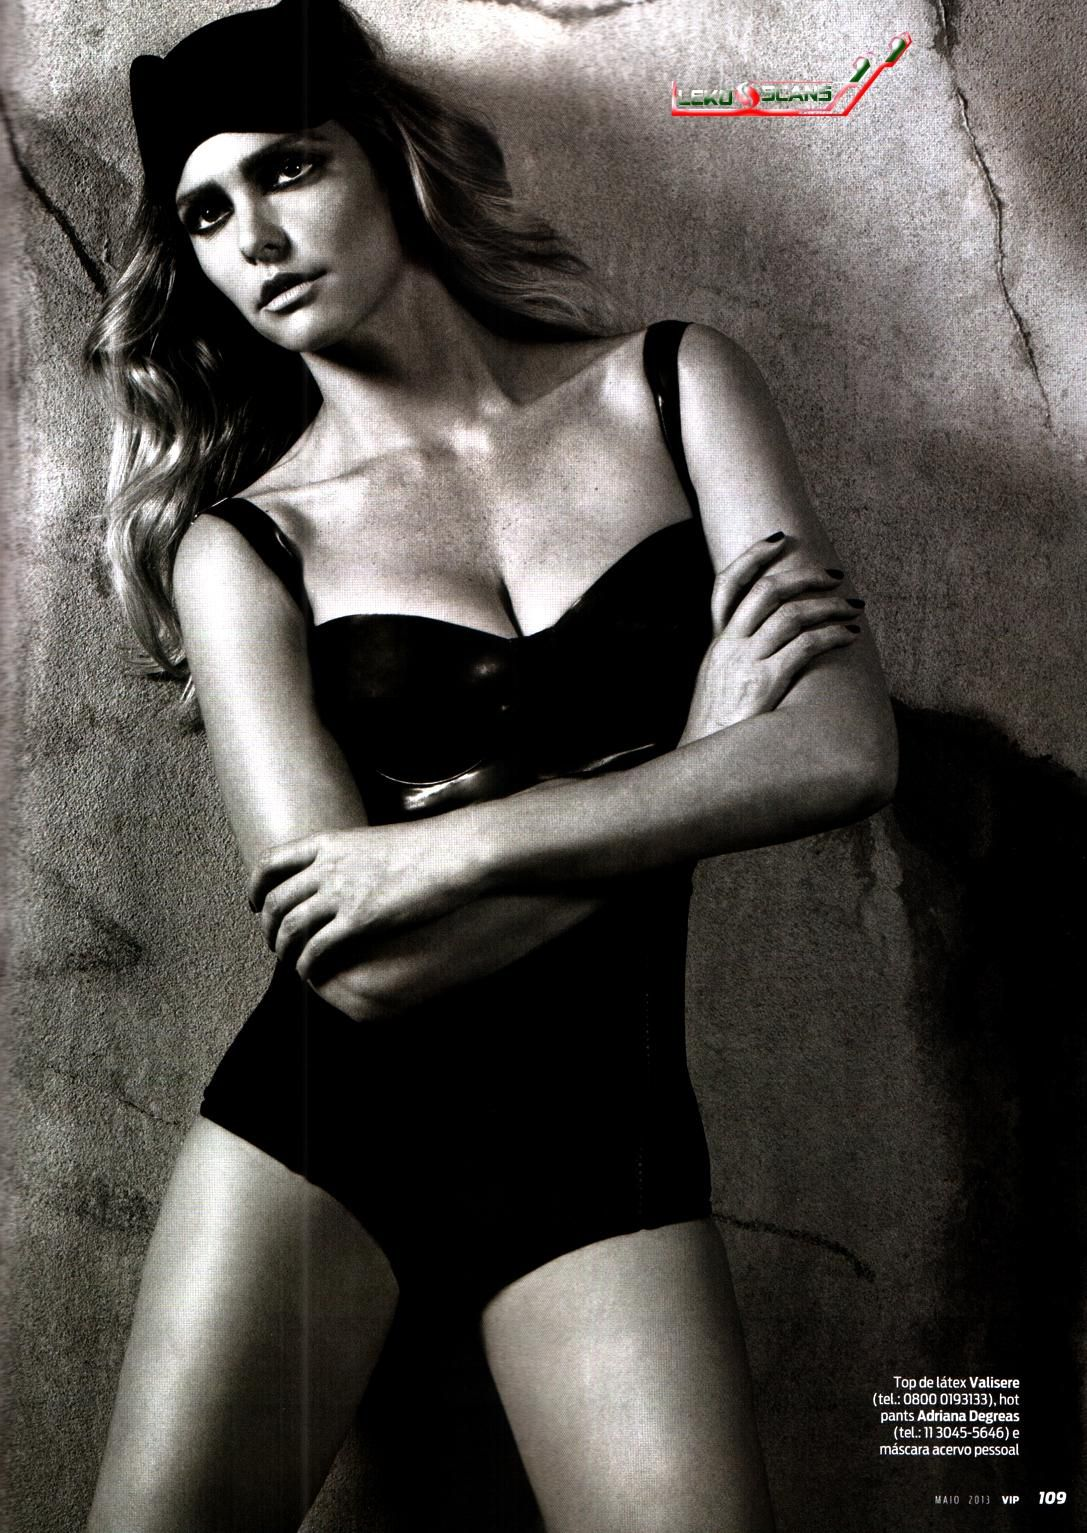 Фернанда лима бразильская модель голая 28 фотография